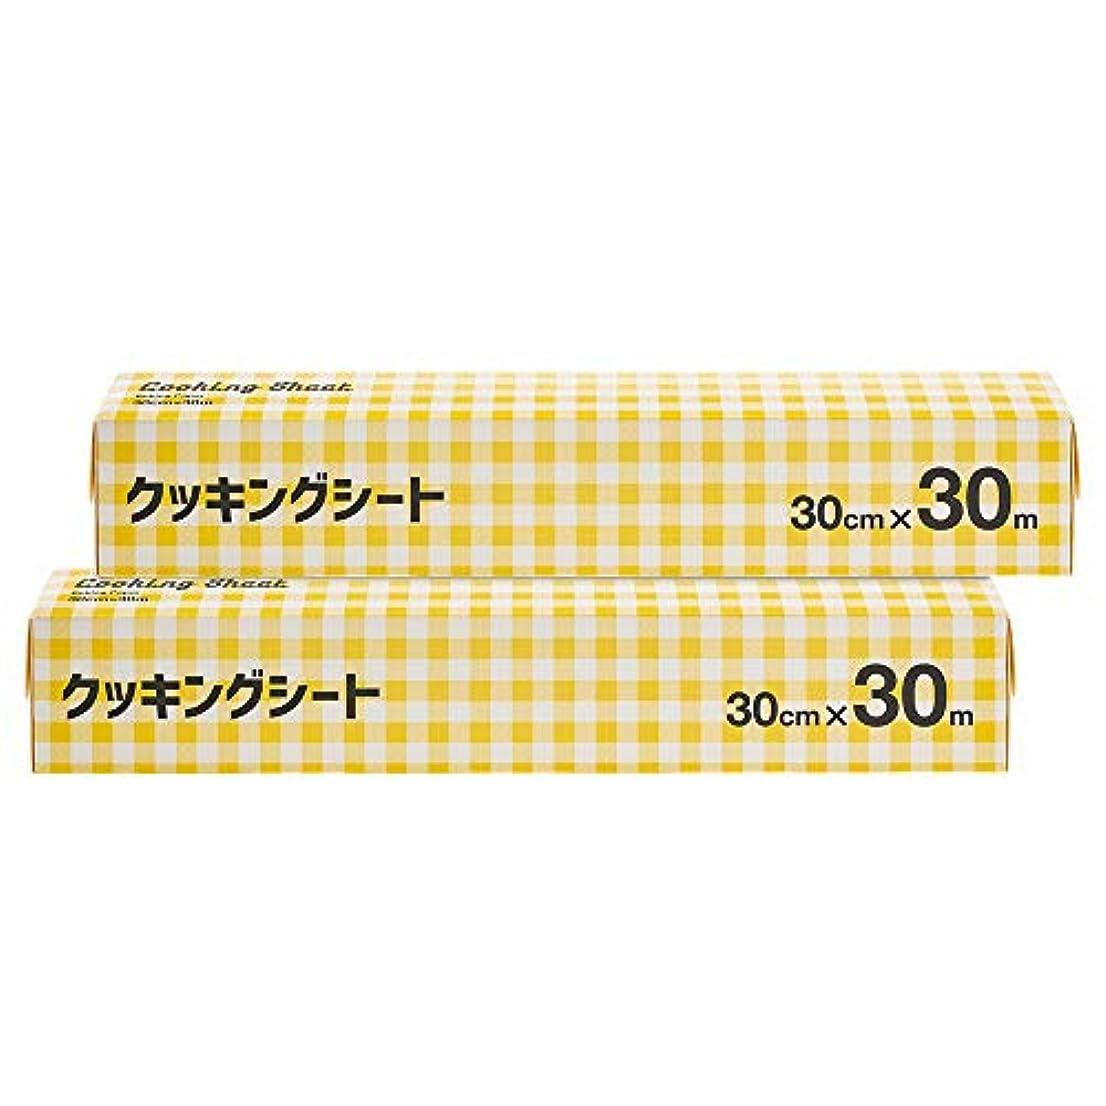 チート混乱ランプ[Amazon限定ブランド]  Kuras クッキングシート 30cm×30m ×2本パック